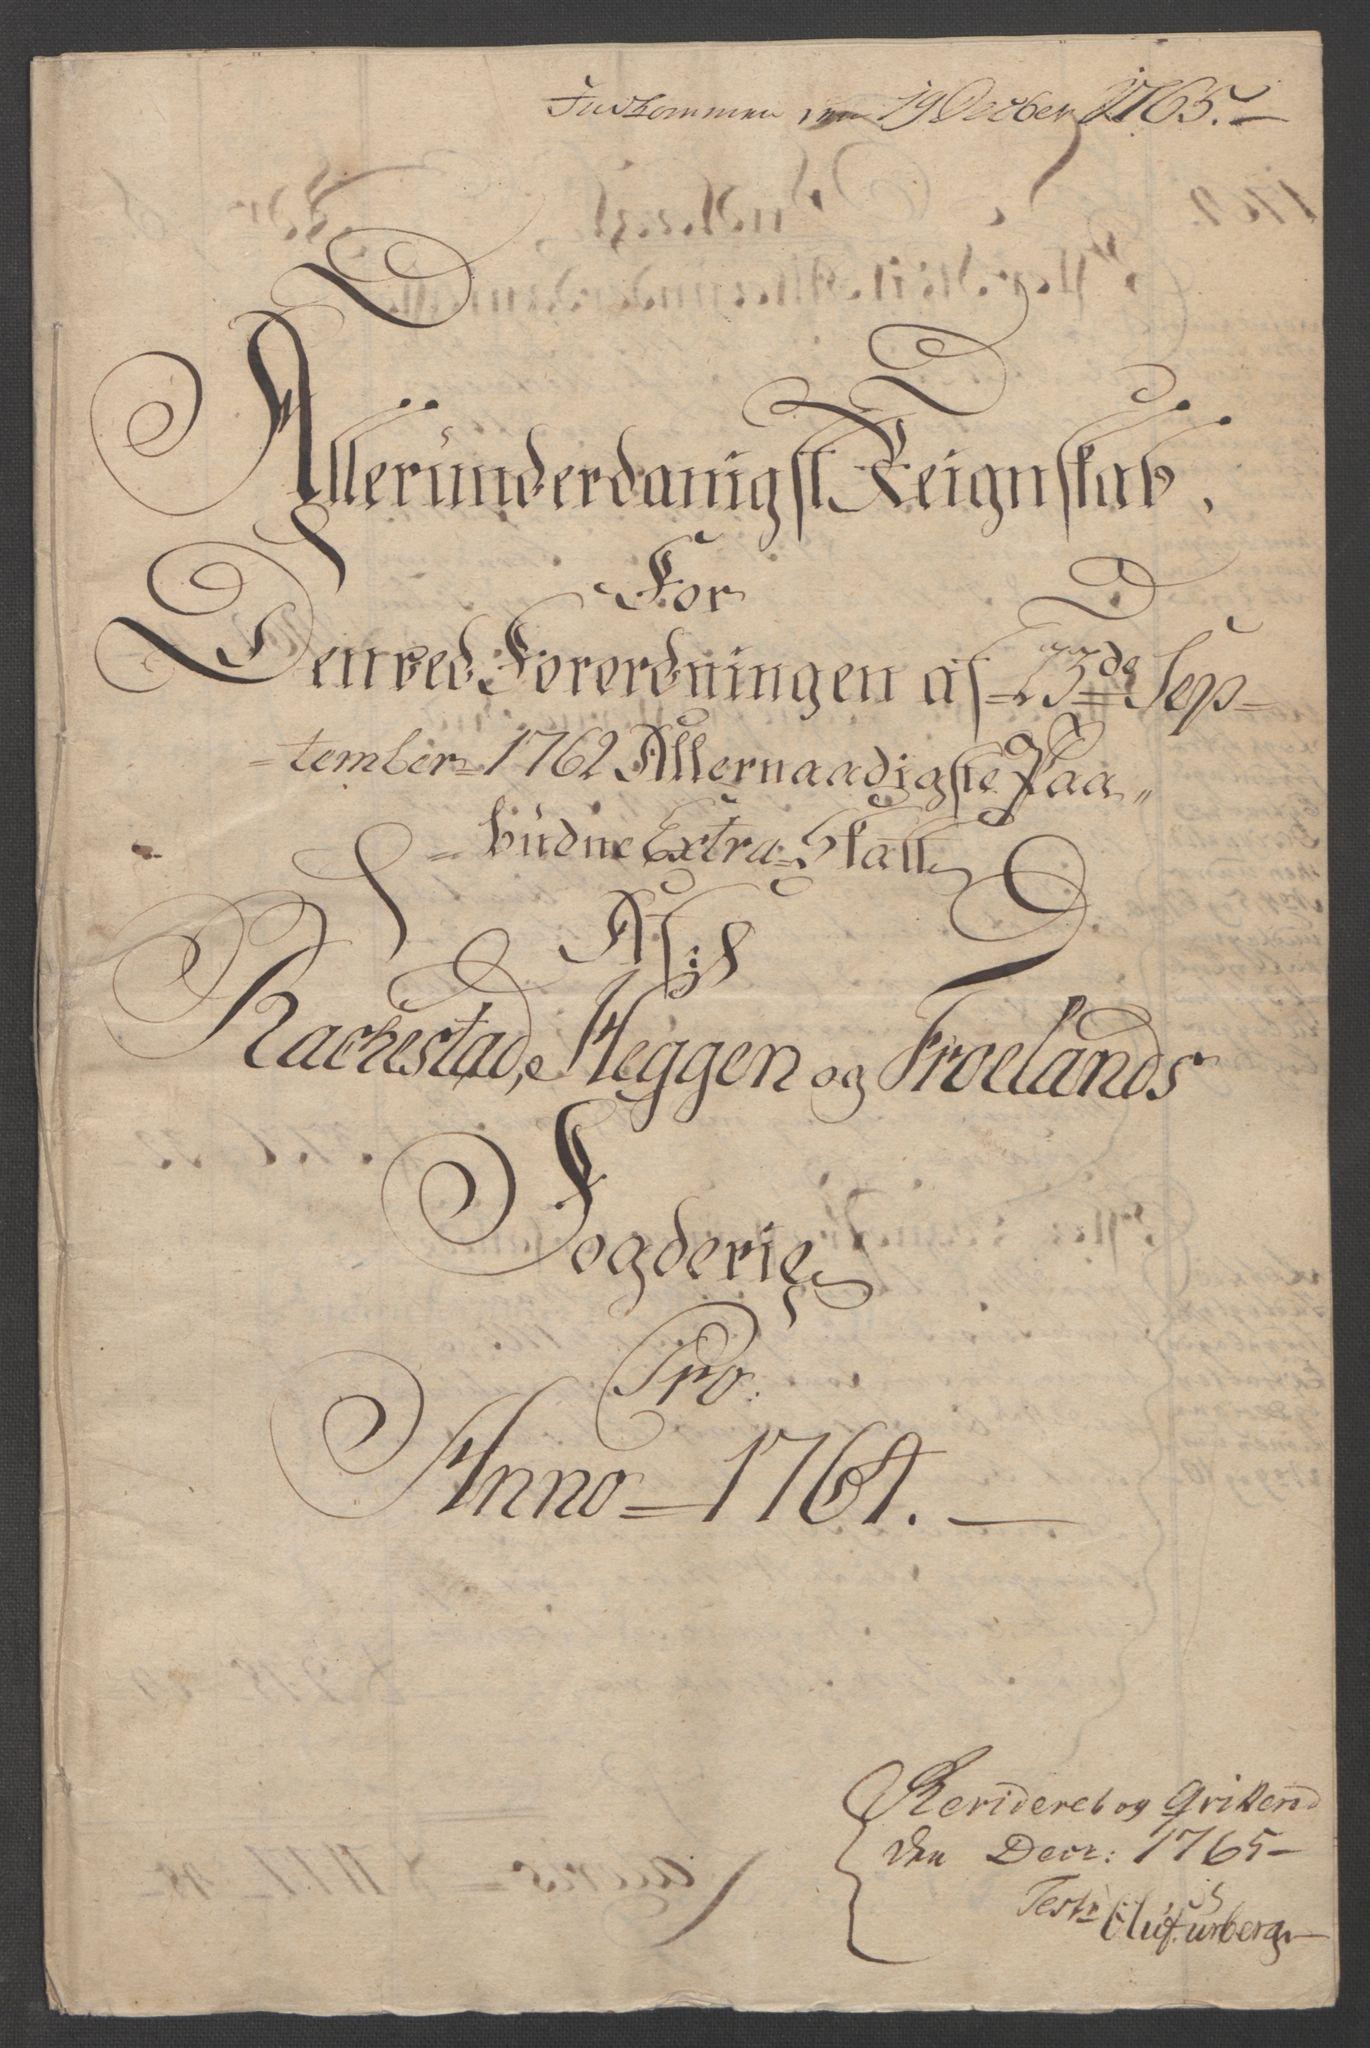 RA, Rentekammeret inntil 1814, Reviderte regnskaper, Fogderegnskap, R07/L0413: Ekstraskatten Rakkestad, Heggen og Frøland, 1762-1772, s. 178